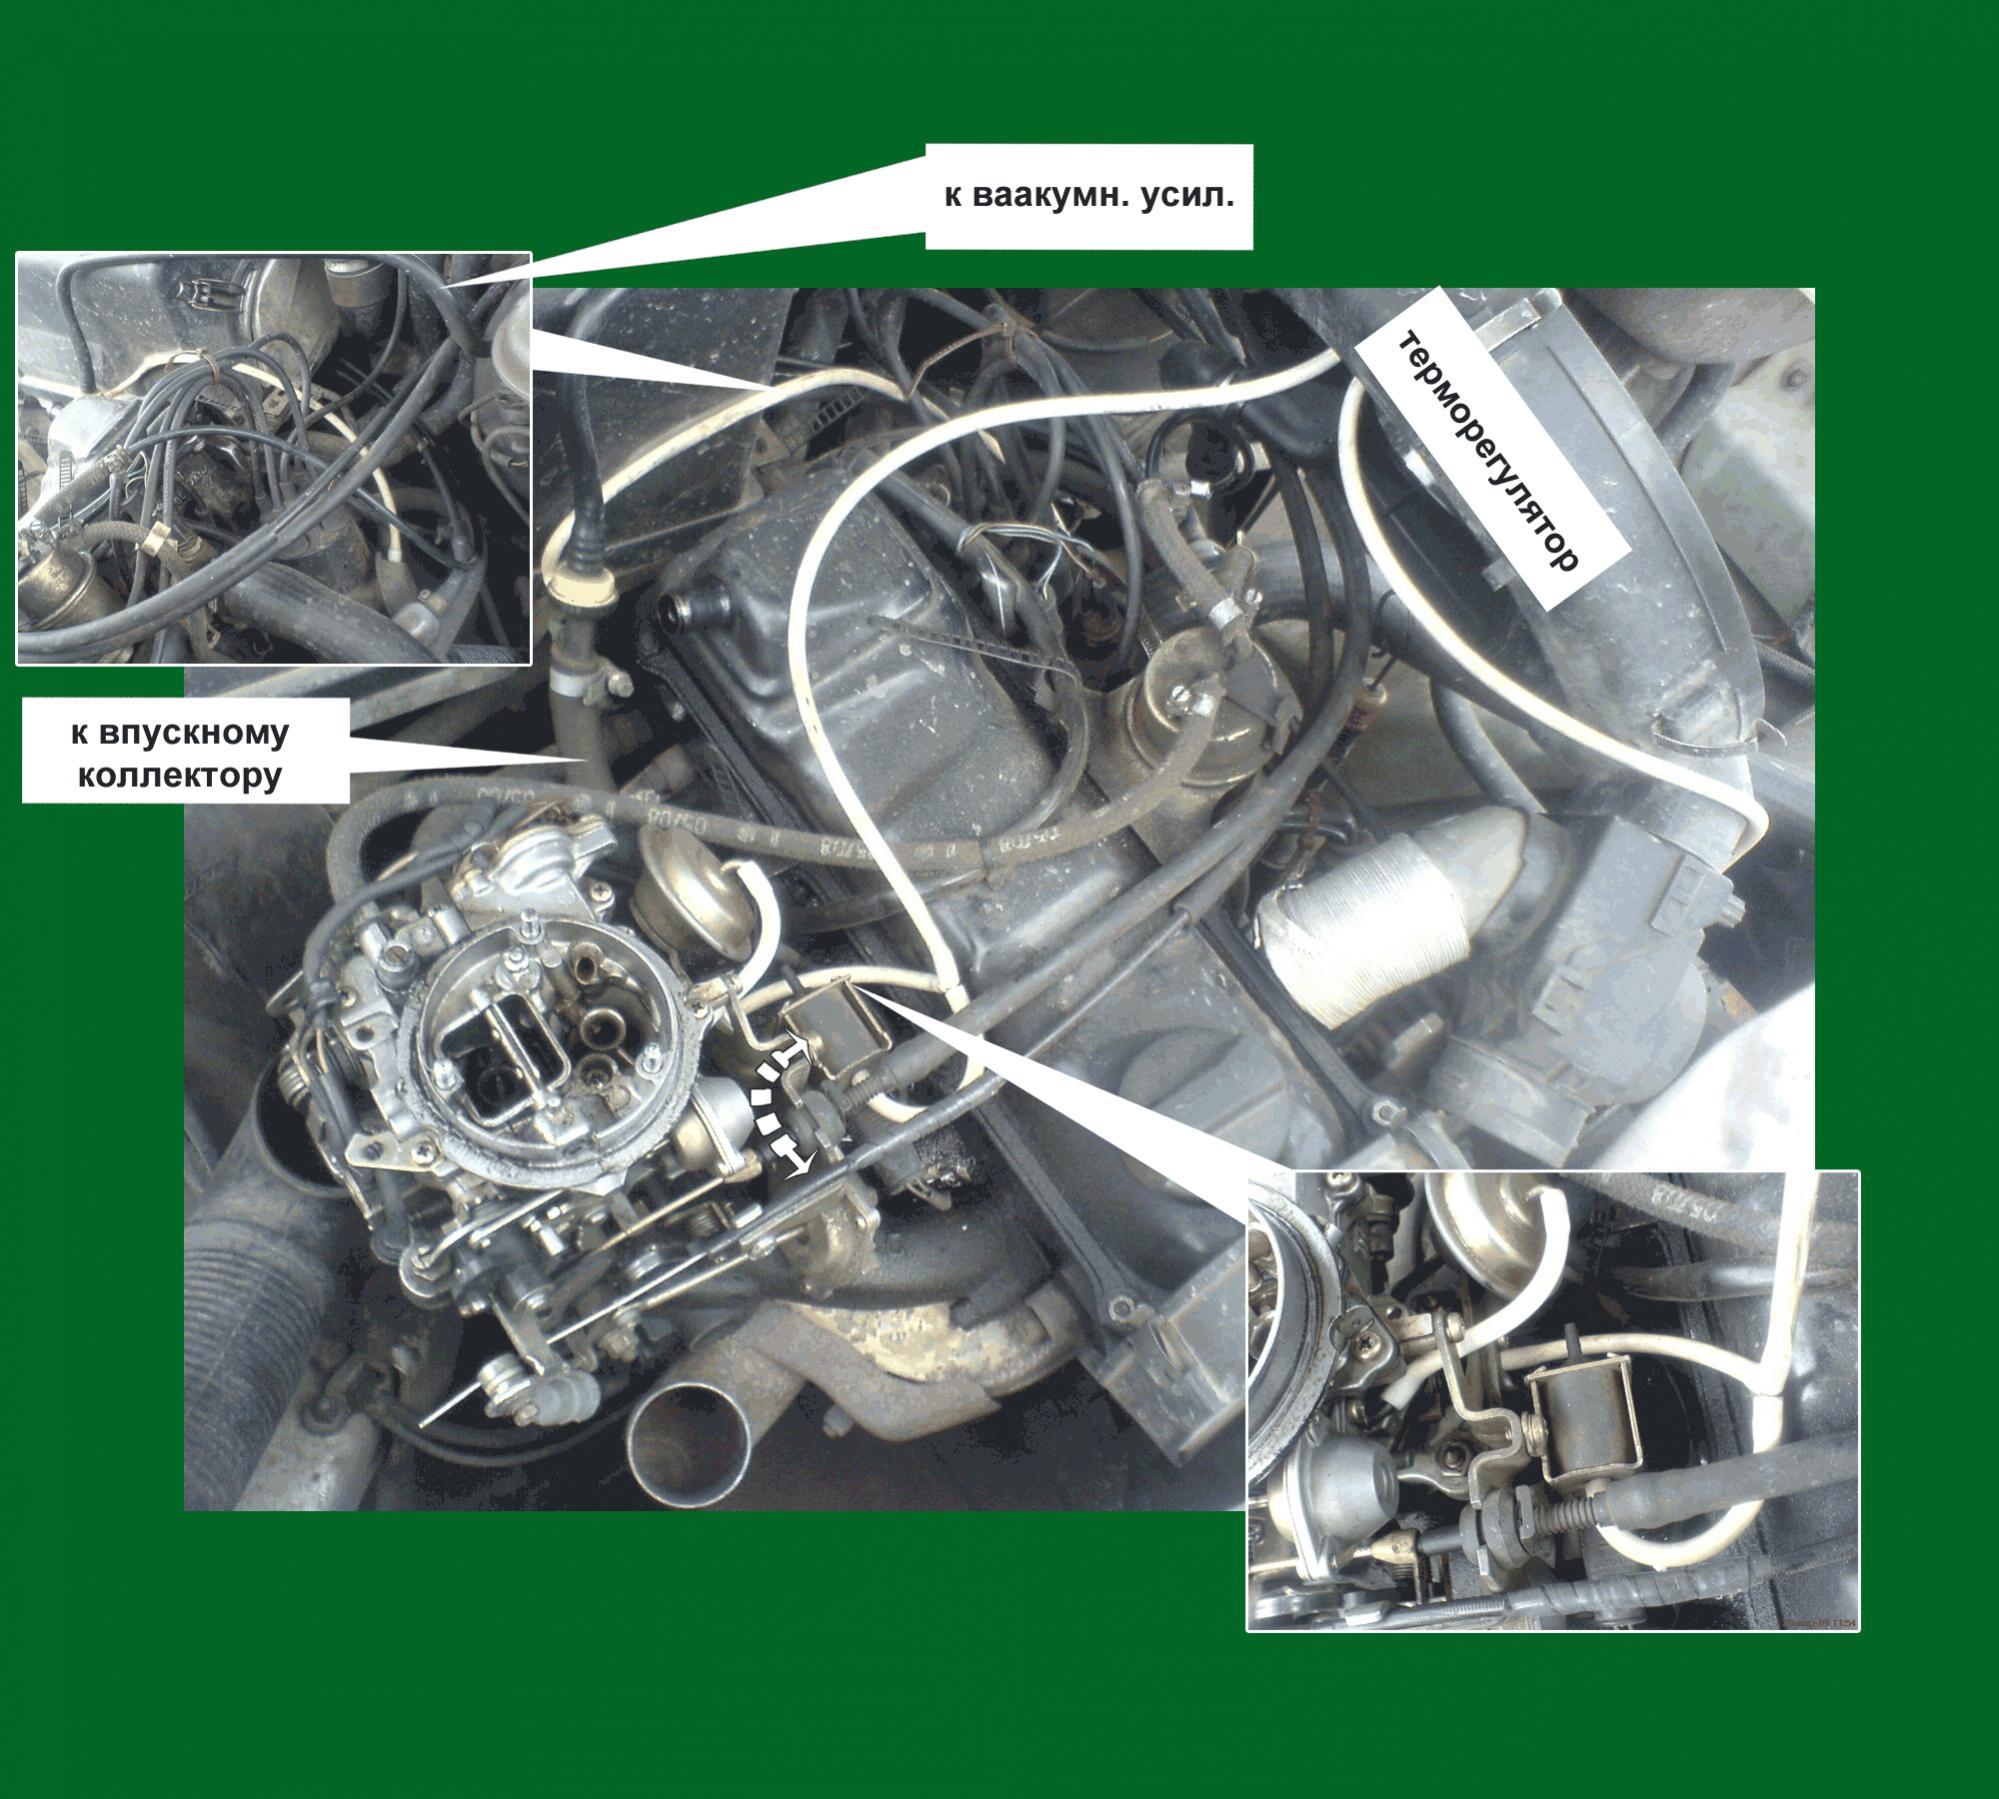 карбюратор ауди 100 1.8 устройство и схема